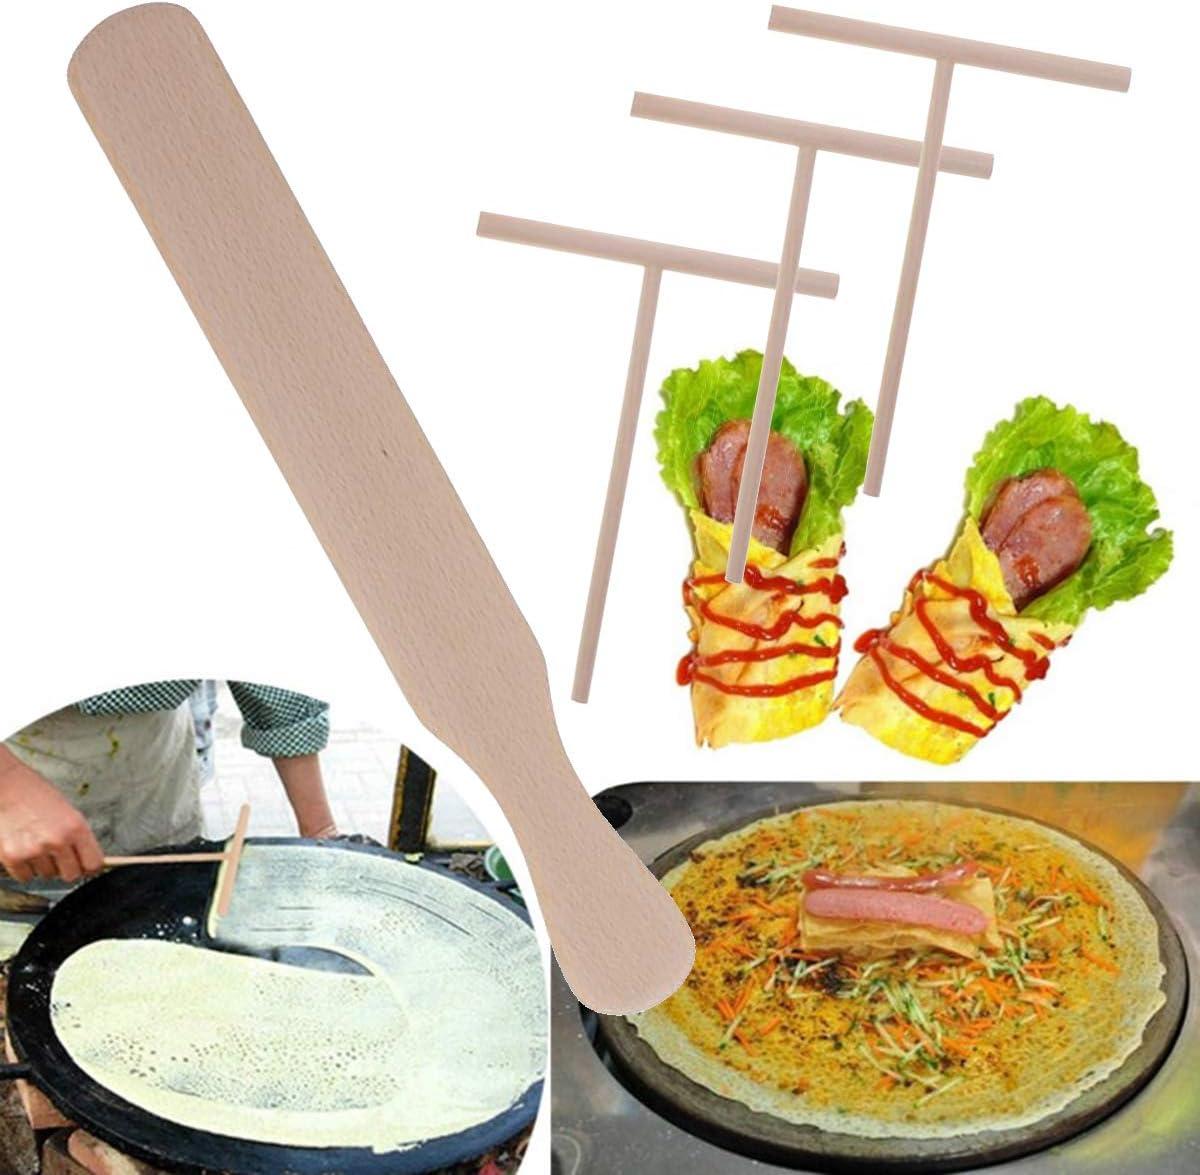 Set Esparcidor de Crepe de Madera Utensilios de Cocina para panqueques Esparcidor de Crepe de Madera y esp/átula Herramientas de extensi/ón de Pasta de rastrillo de Tortilla YH 4pcs